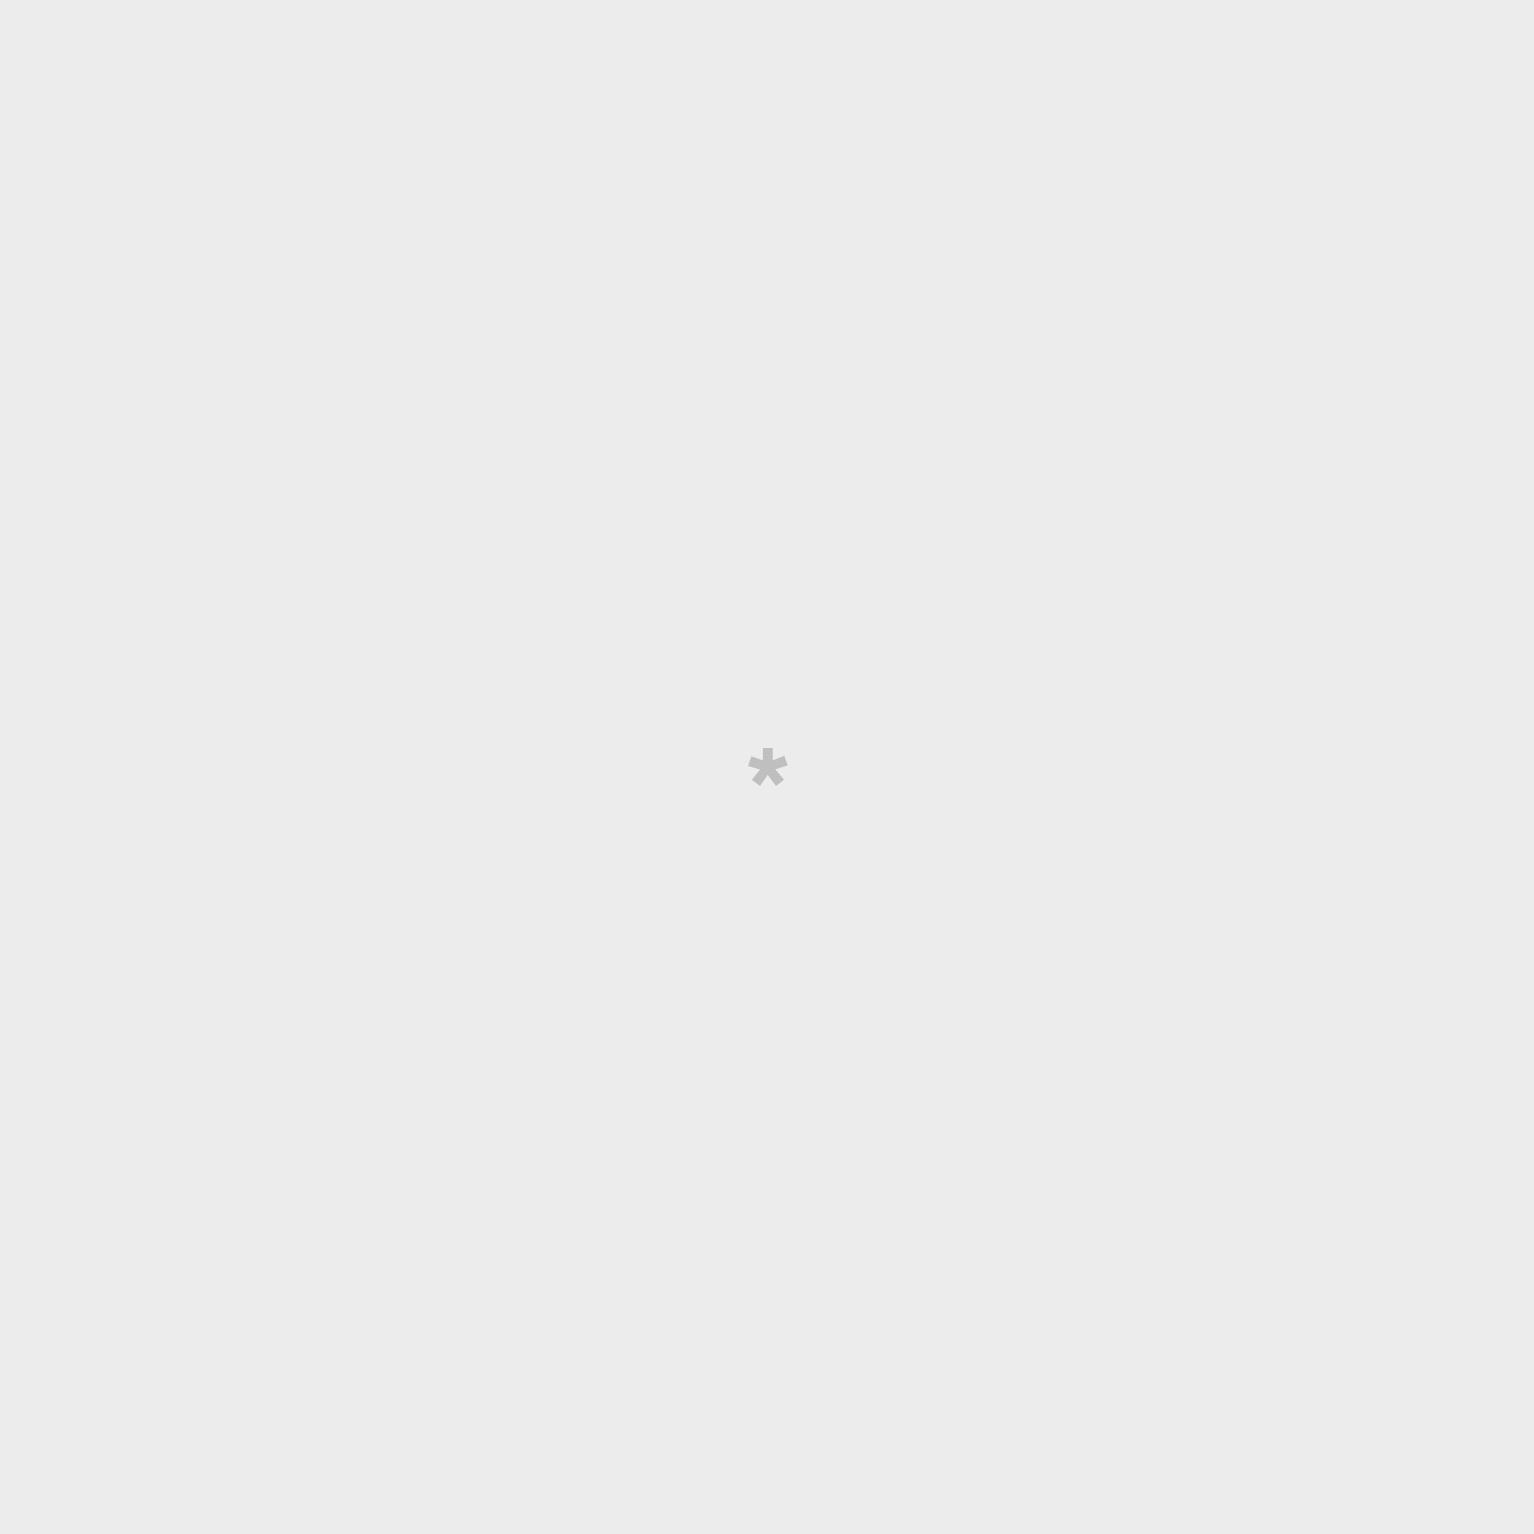 Backpack - I make u look cool